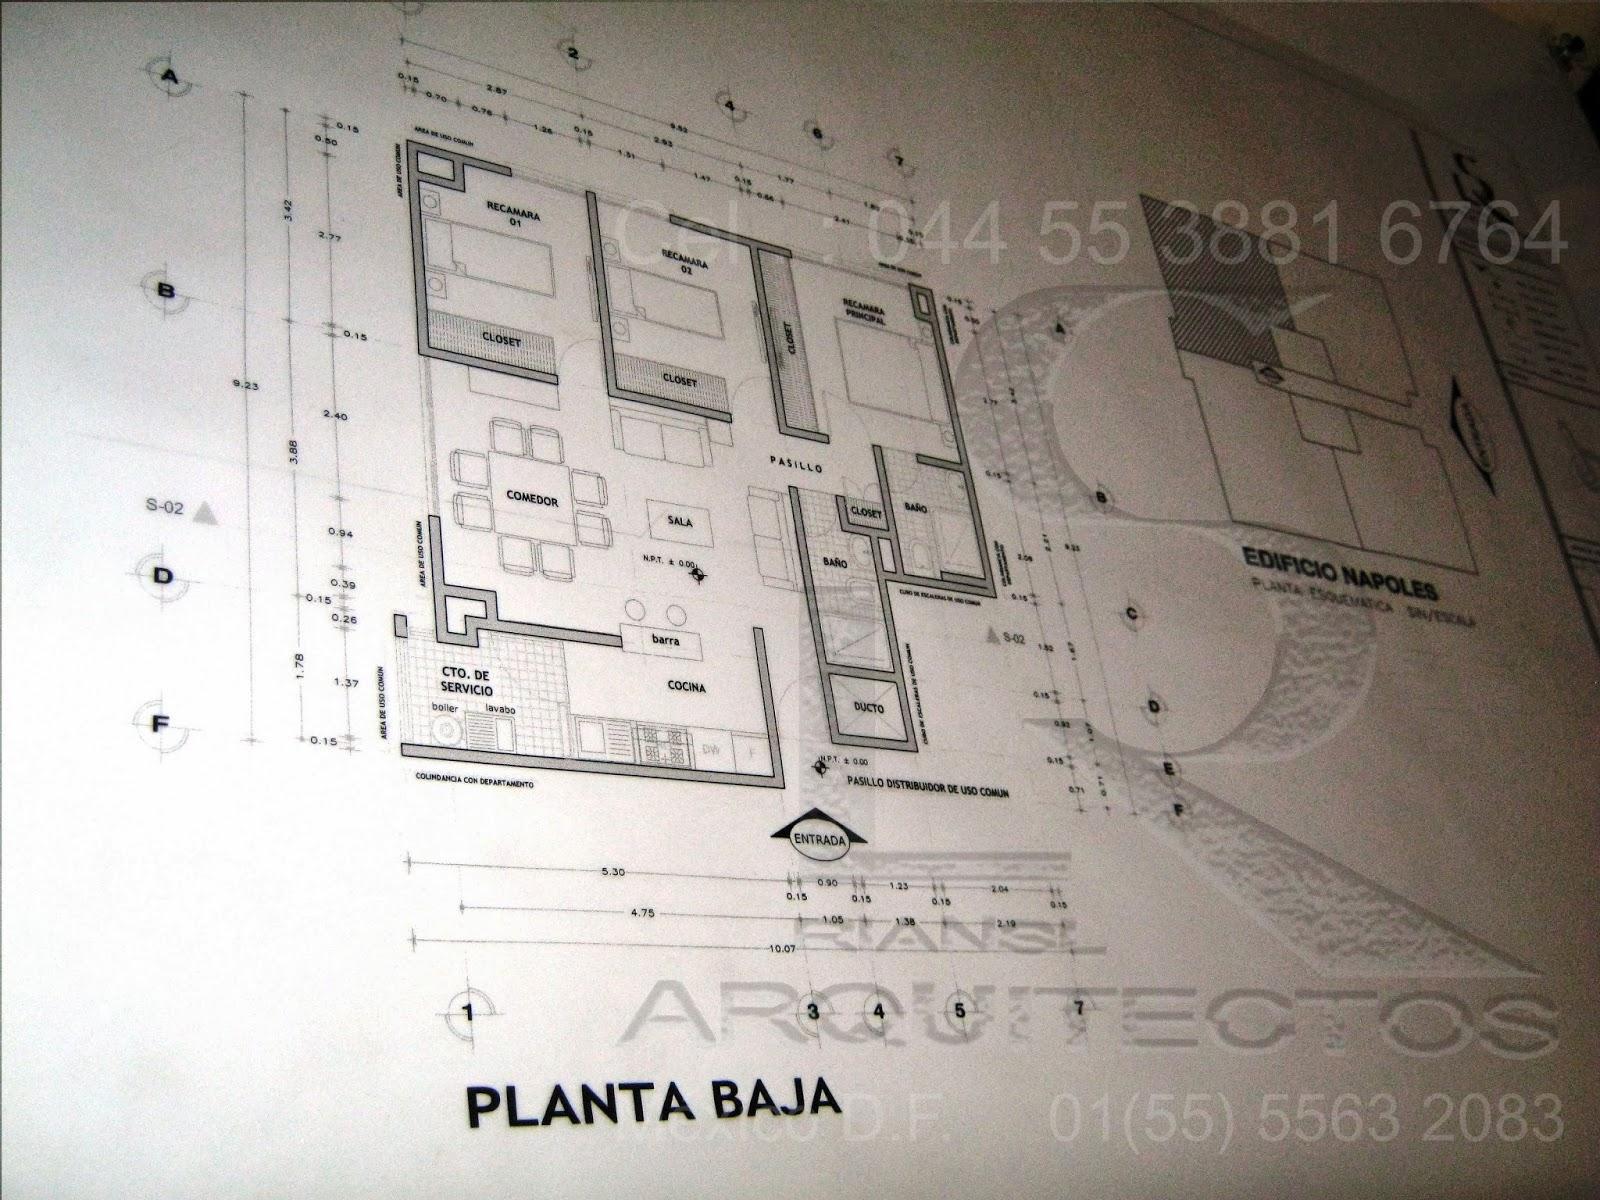 ESPECIALISTAS EN DIBUJO DE PLANOS ARQUITECTONICOS DE CASA HABITACION EN AUTOCAD